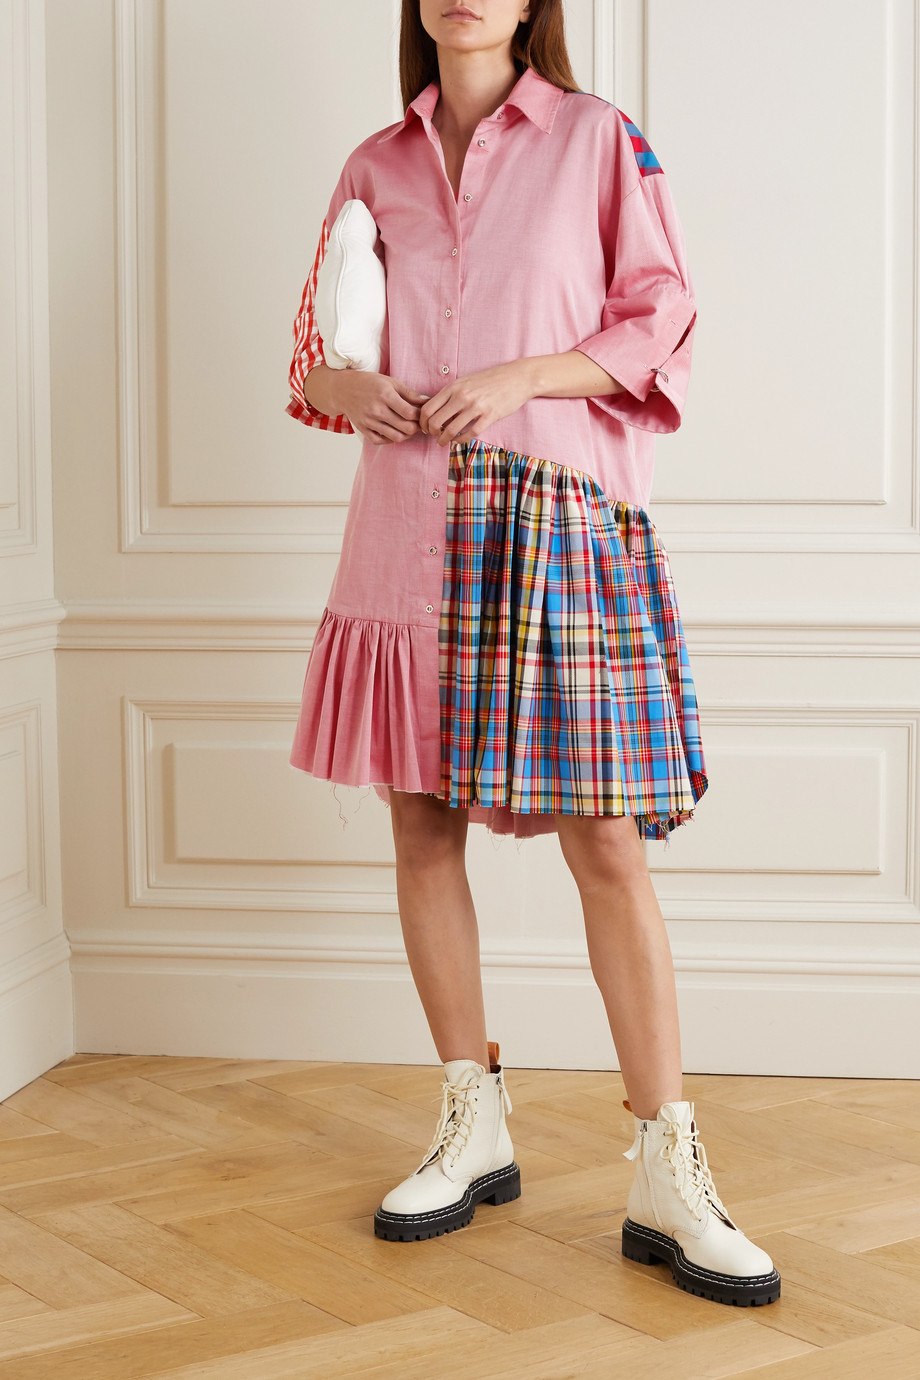 Marques' Almeida ReM'Ade by Marques' Almeida oversized patchwork twill shirt dress